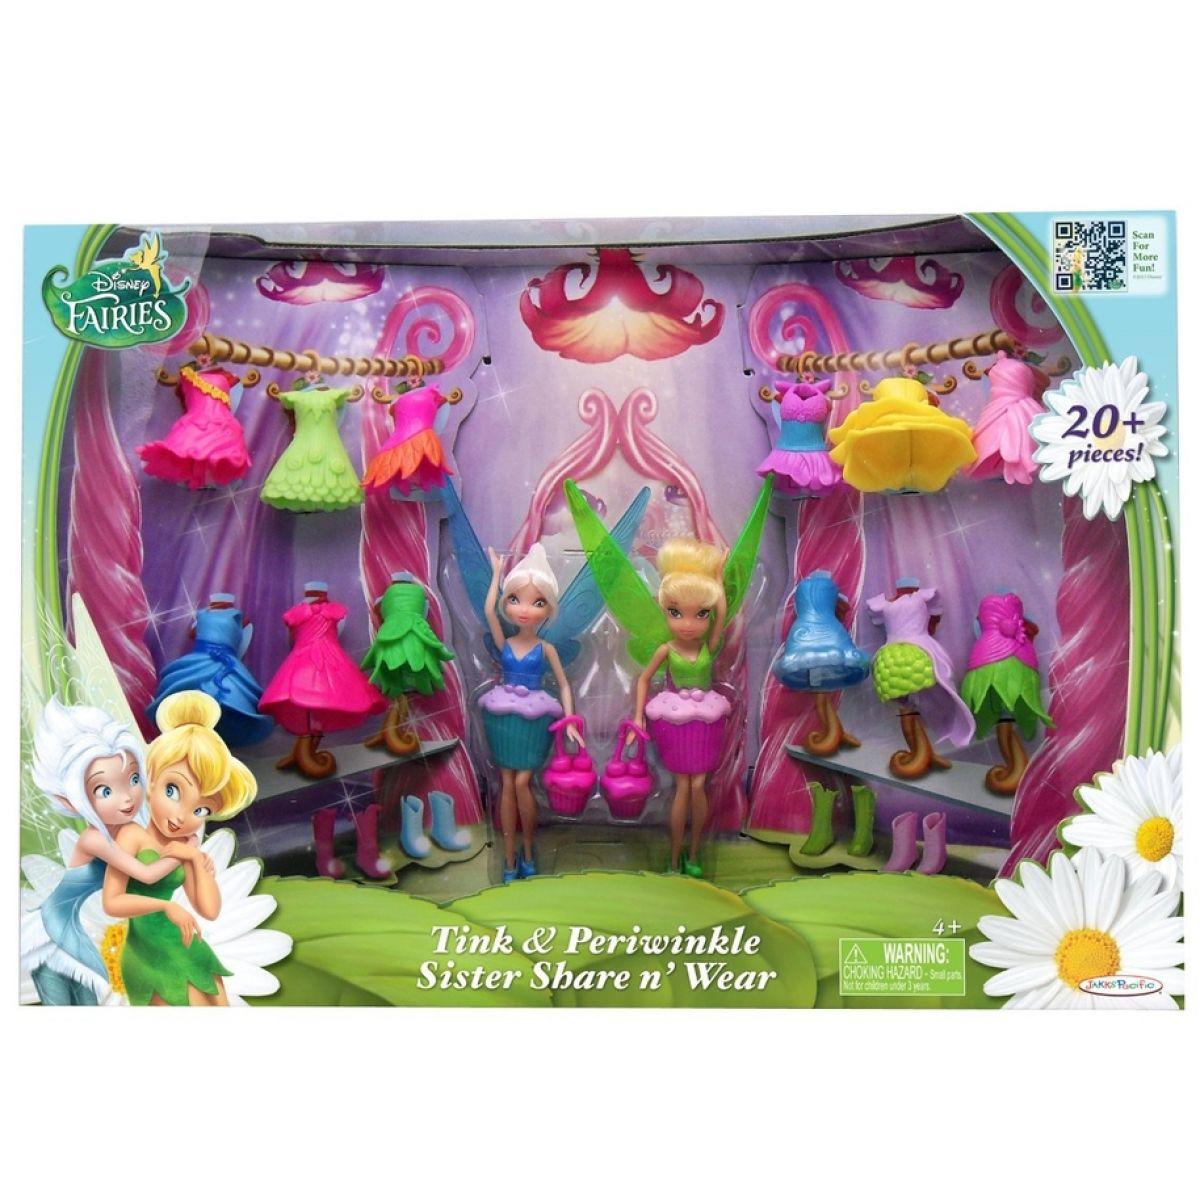 Disney Víly: 11 cm panenka a modní doplňky 2v1 - Zvonilka a Modrovločka